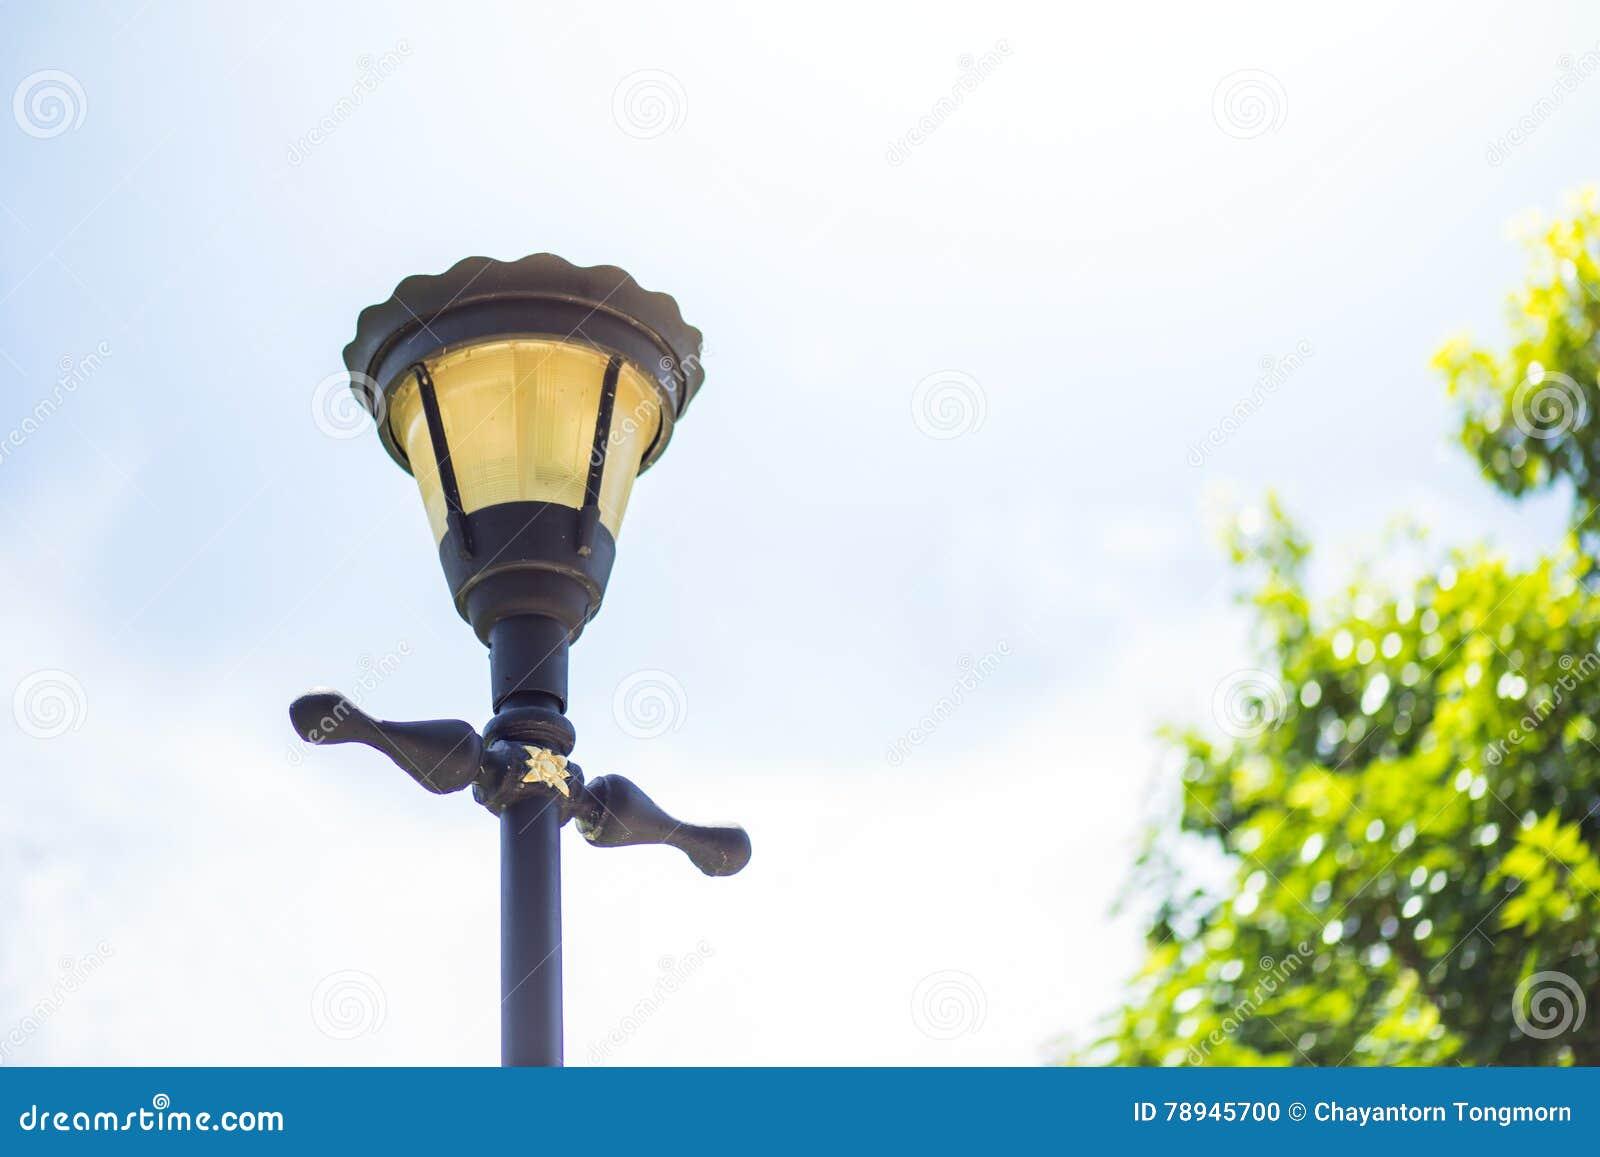 Lanterna Illuminazione : Illuminazione della lanterna nel parco fotografia stock immagine